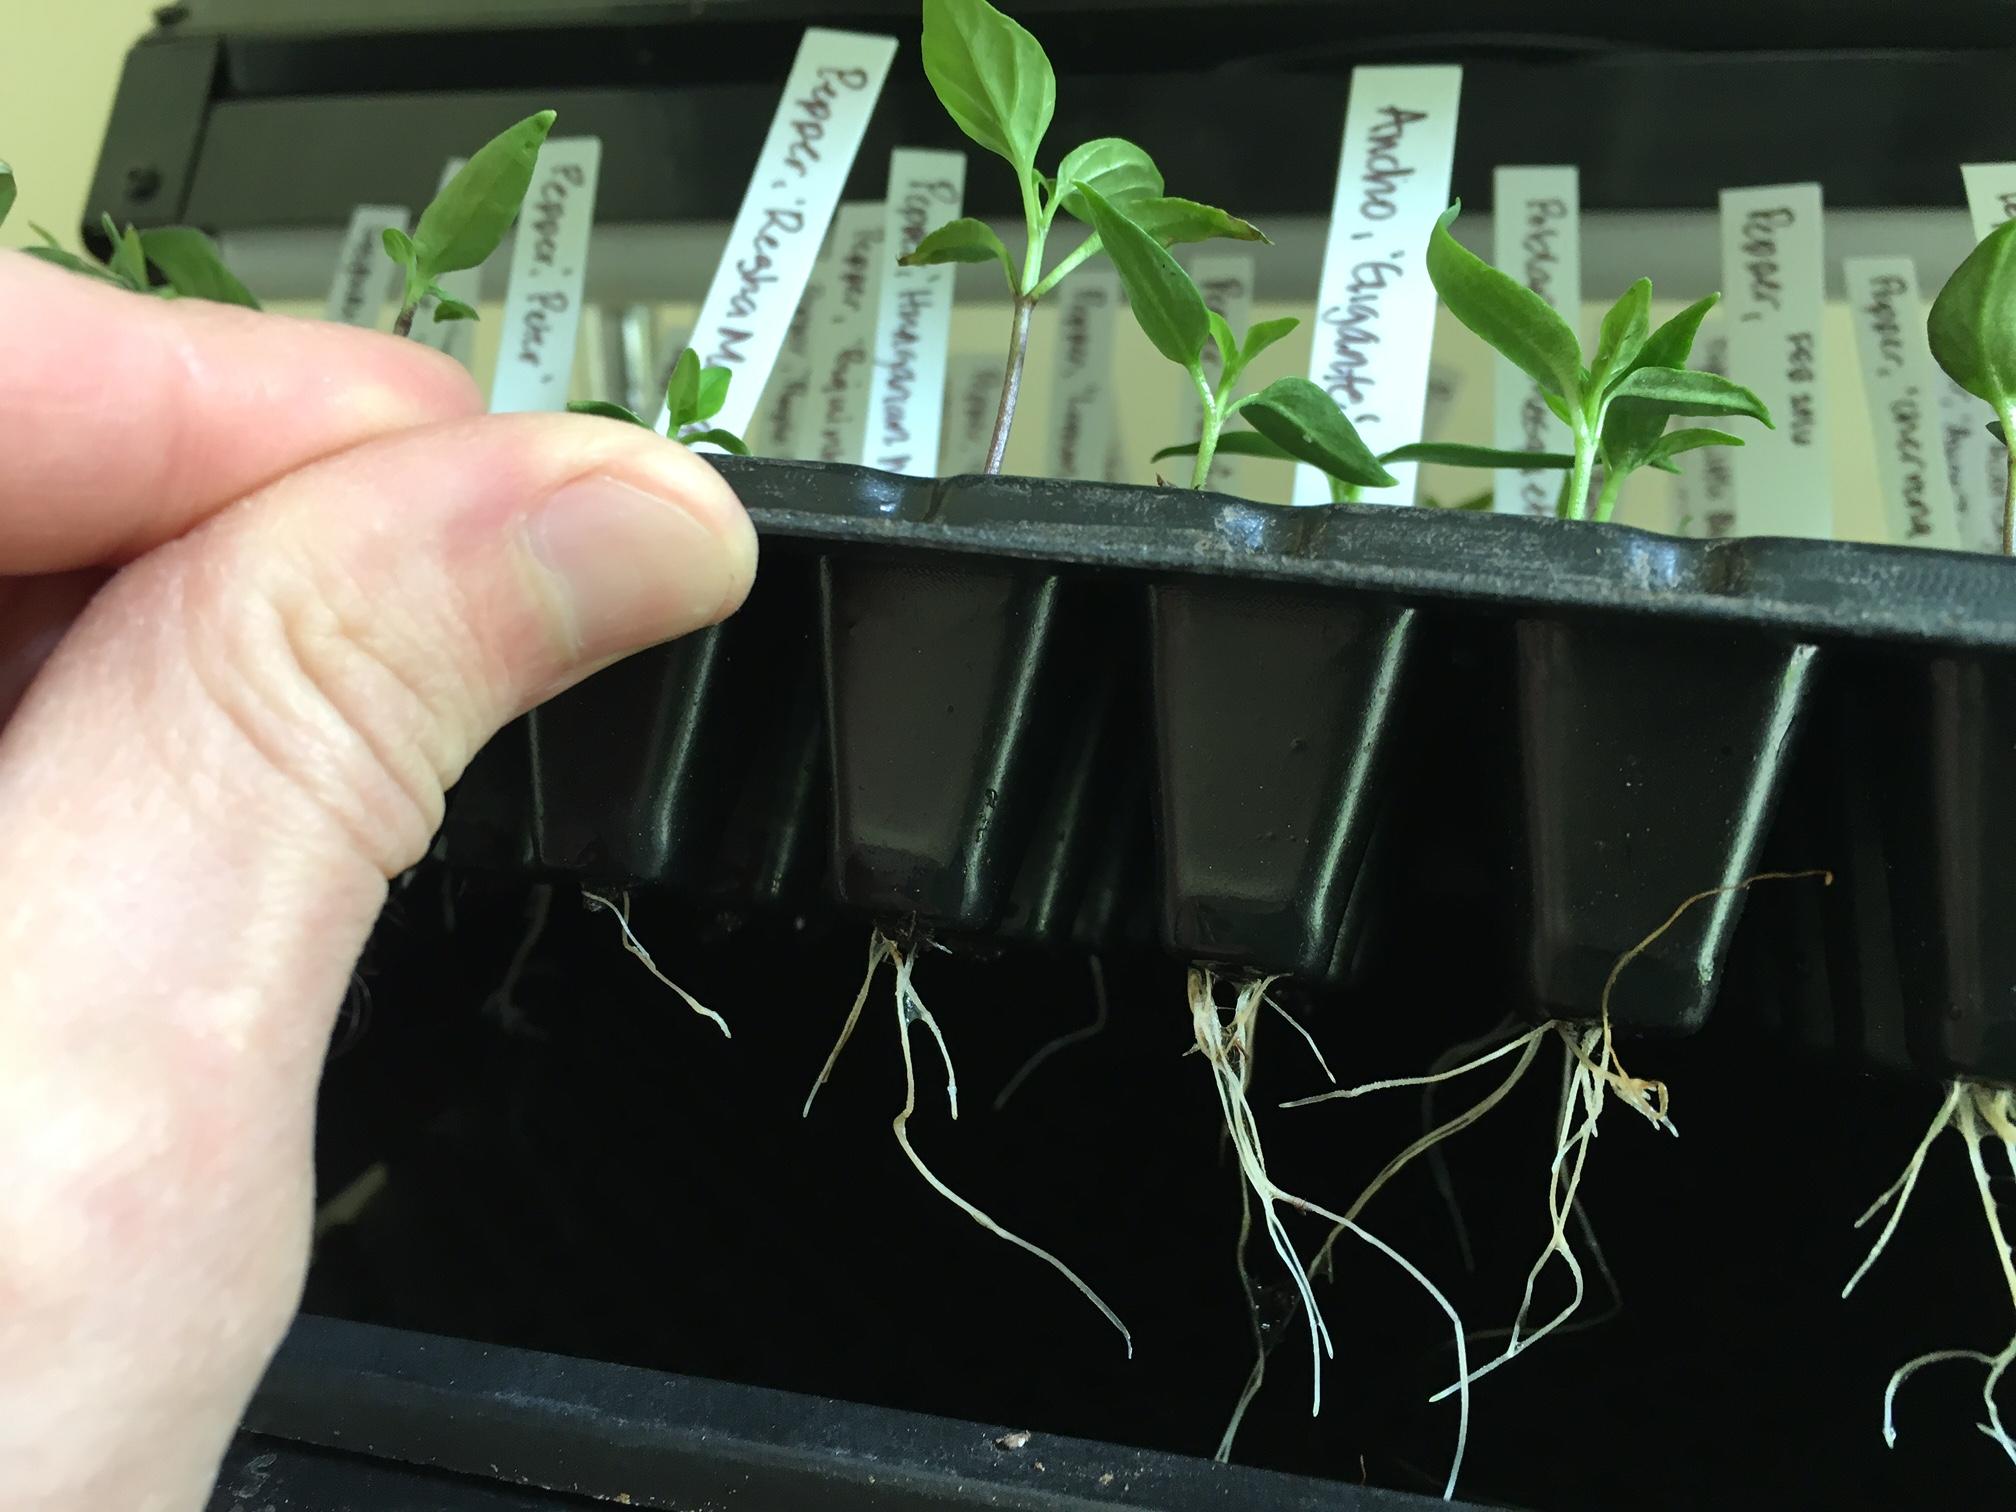 每个细胞的底部都有一个小洞,可以很好地排水,让幼苗的根生长到下面的托盘里。为了去除幼苗,我们将筷子轻轻推入孔中以使幼苗从其细胞中移除幼苗。